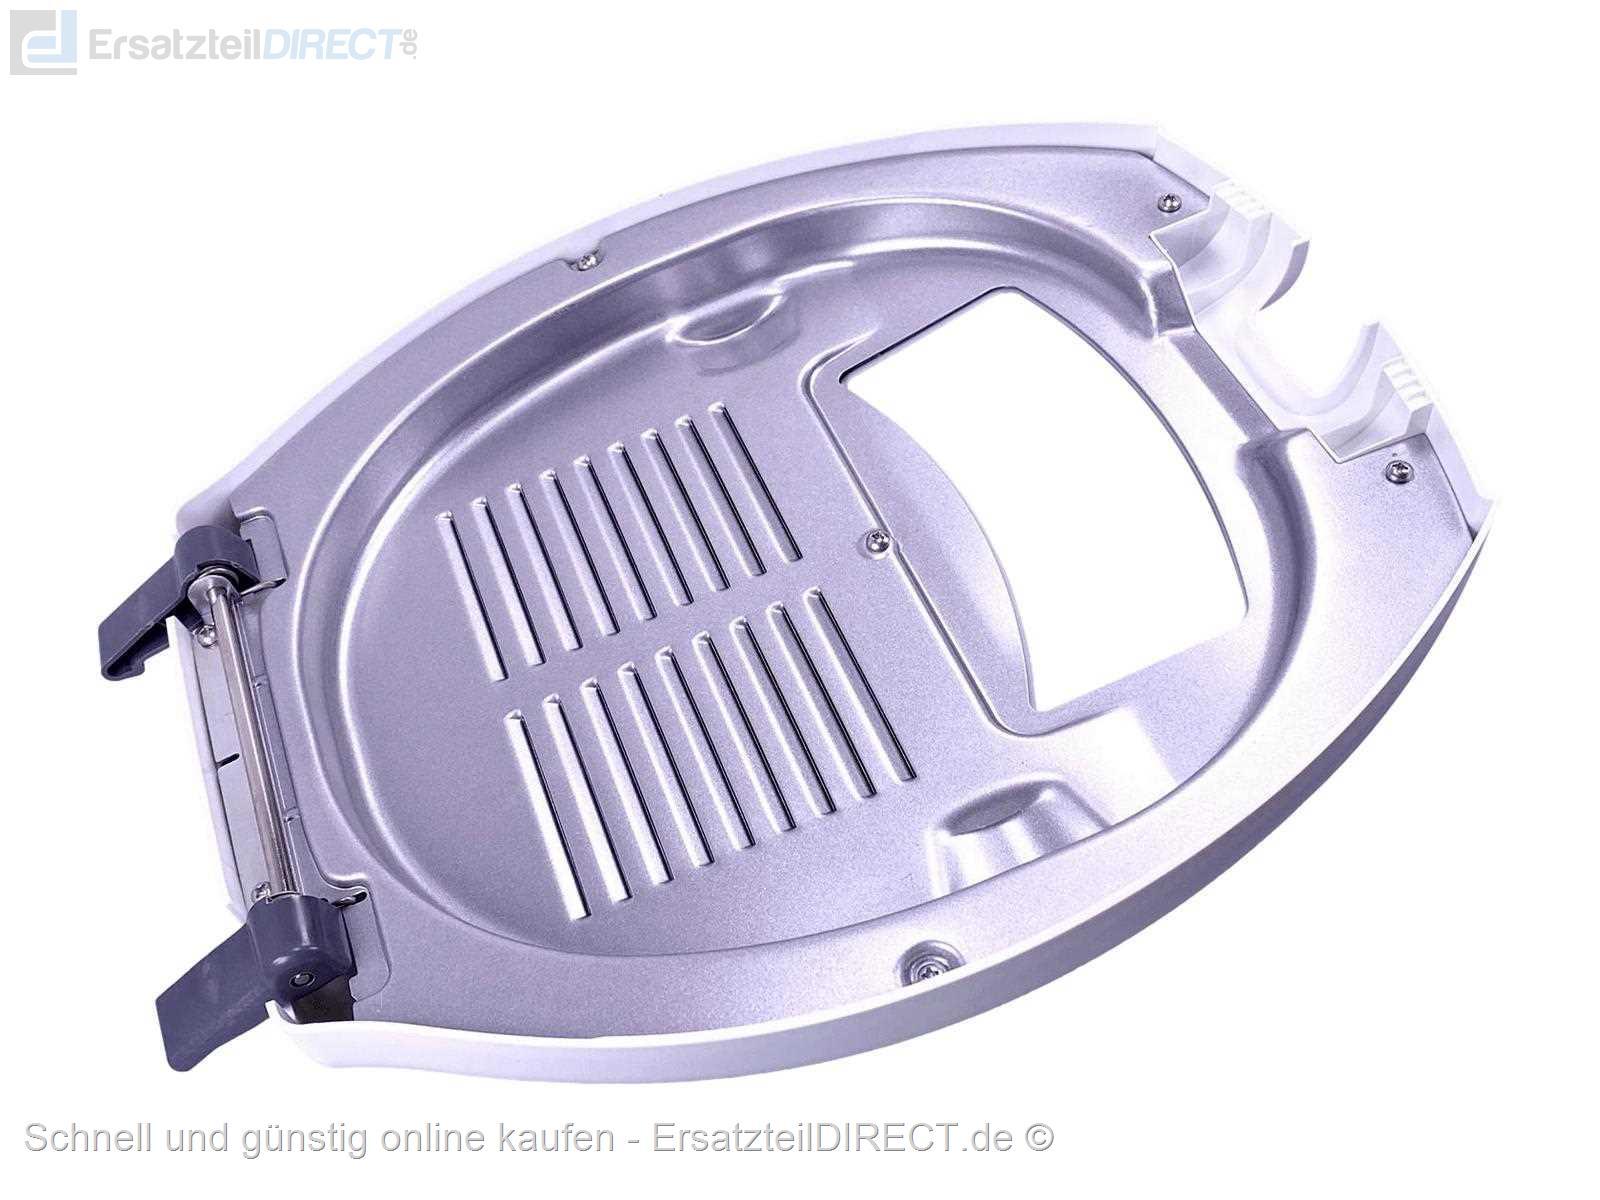 delonghi fritteuse deckel f r f28211 f28311 5512500189 billig kaufen. Black Bedroom Furniture Sets. Home Design Ideas